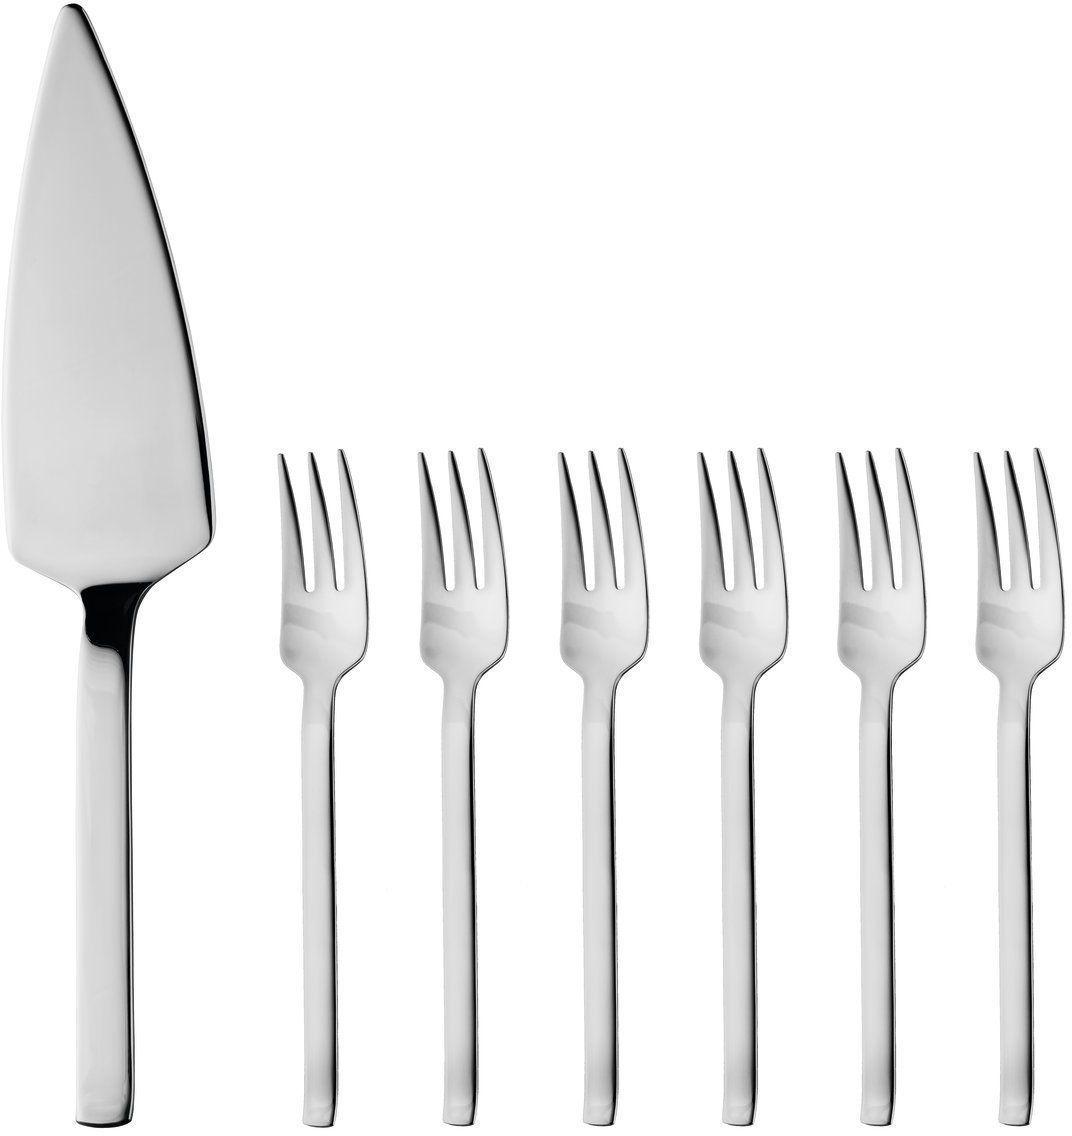 Фото - Набор столовых приборов для десерта BergHOFF, 7 предметов набор вилок для барбекю berghoff 6 шт